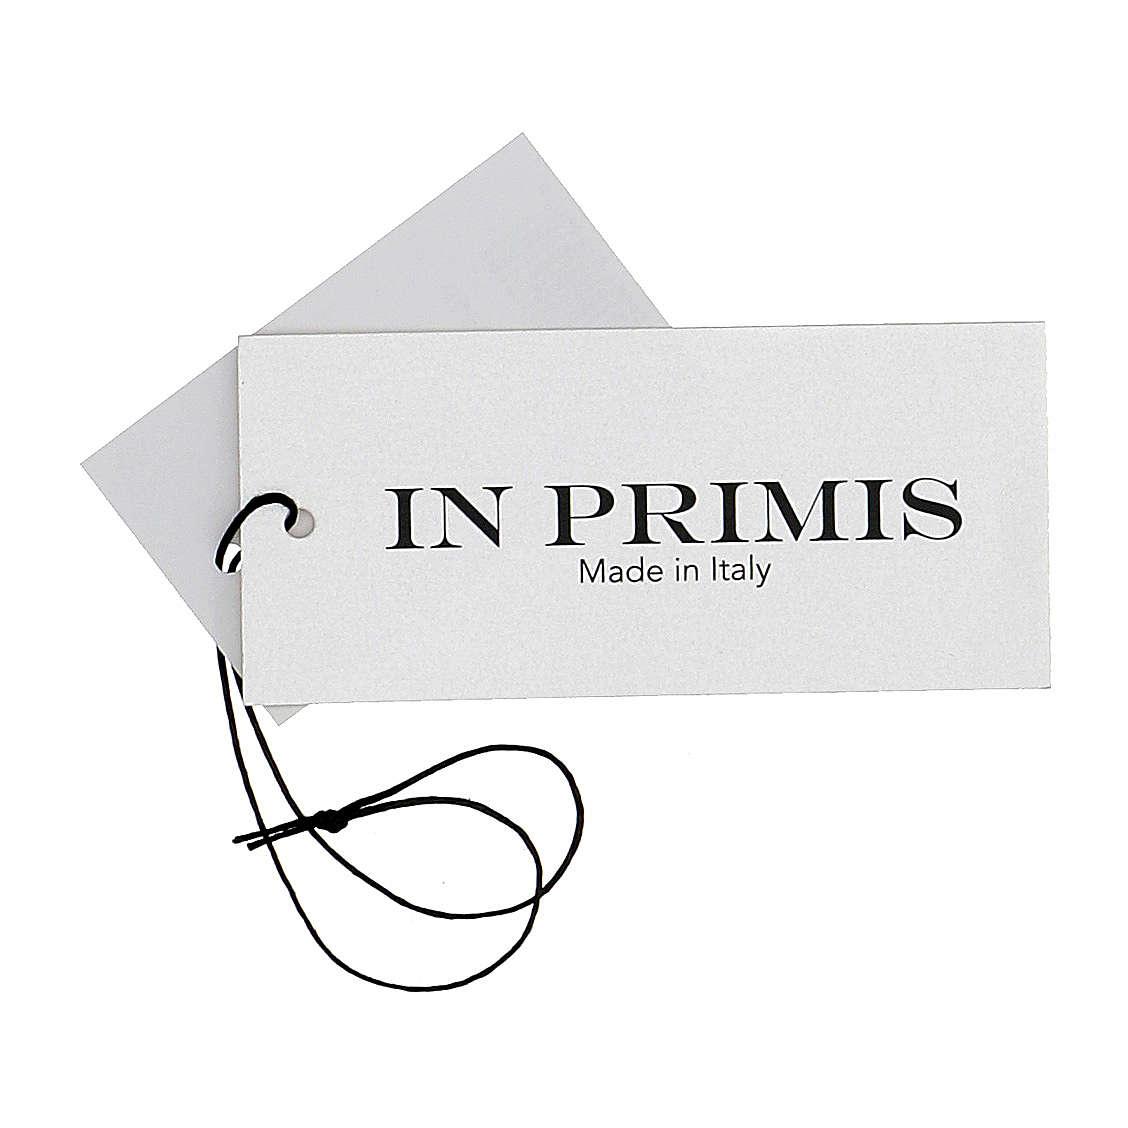 Pullover sacerdote antracite girocollo maglia rasata 50% lana merino 50% acrilico In Primis 4